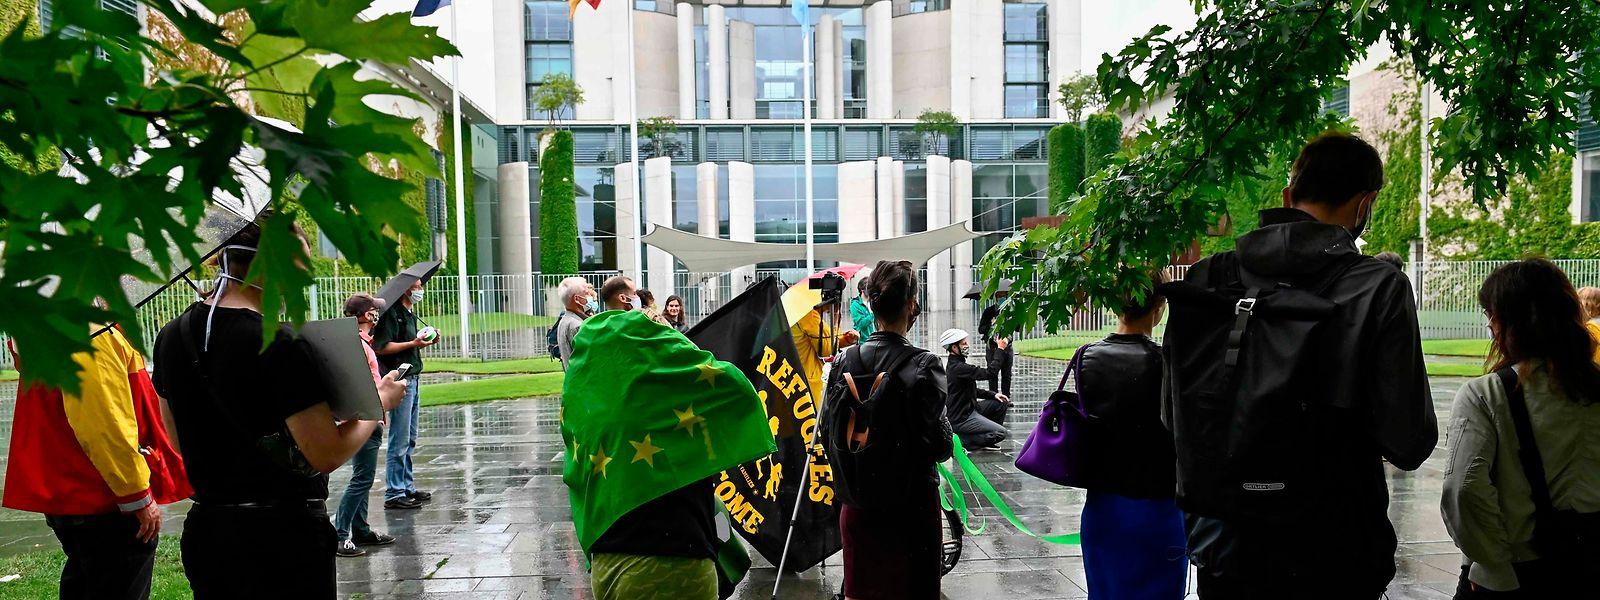 En ce premier jour de présidence allemande de l'UE, des manifestants se sont réunis à Berlin pour rappeler l'importance d'une «Europe verte».